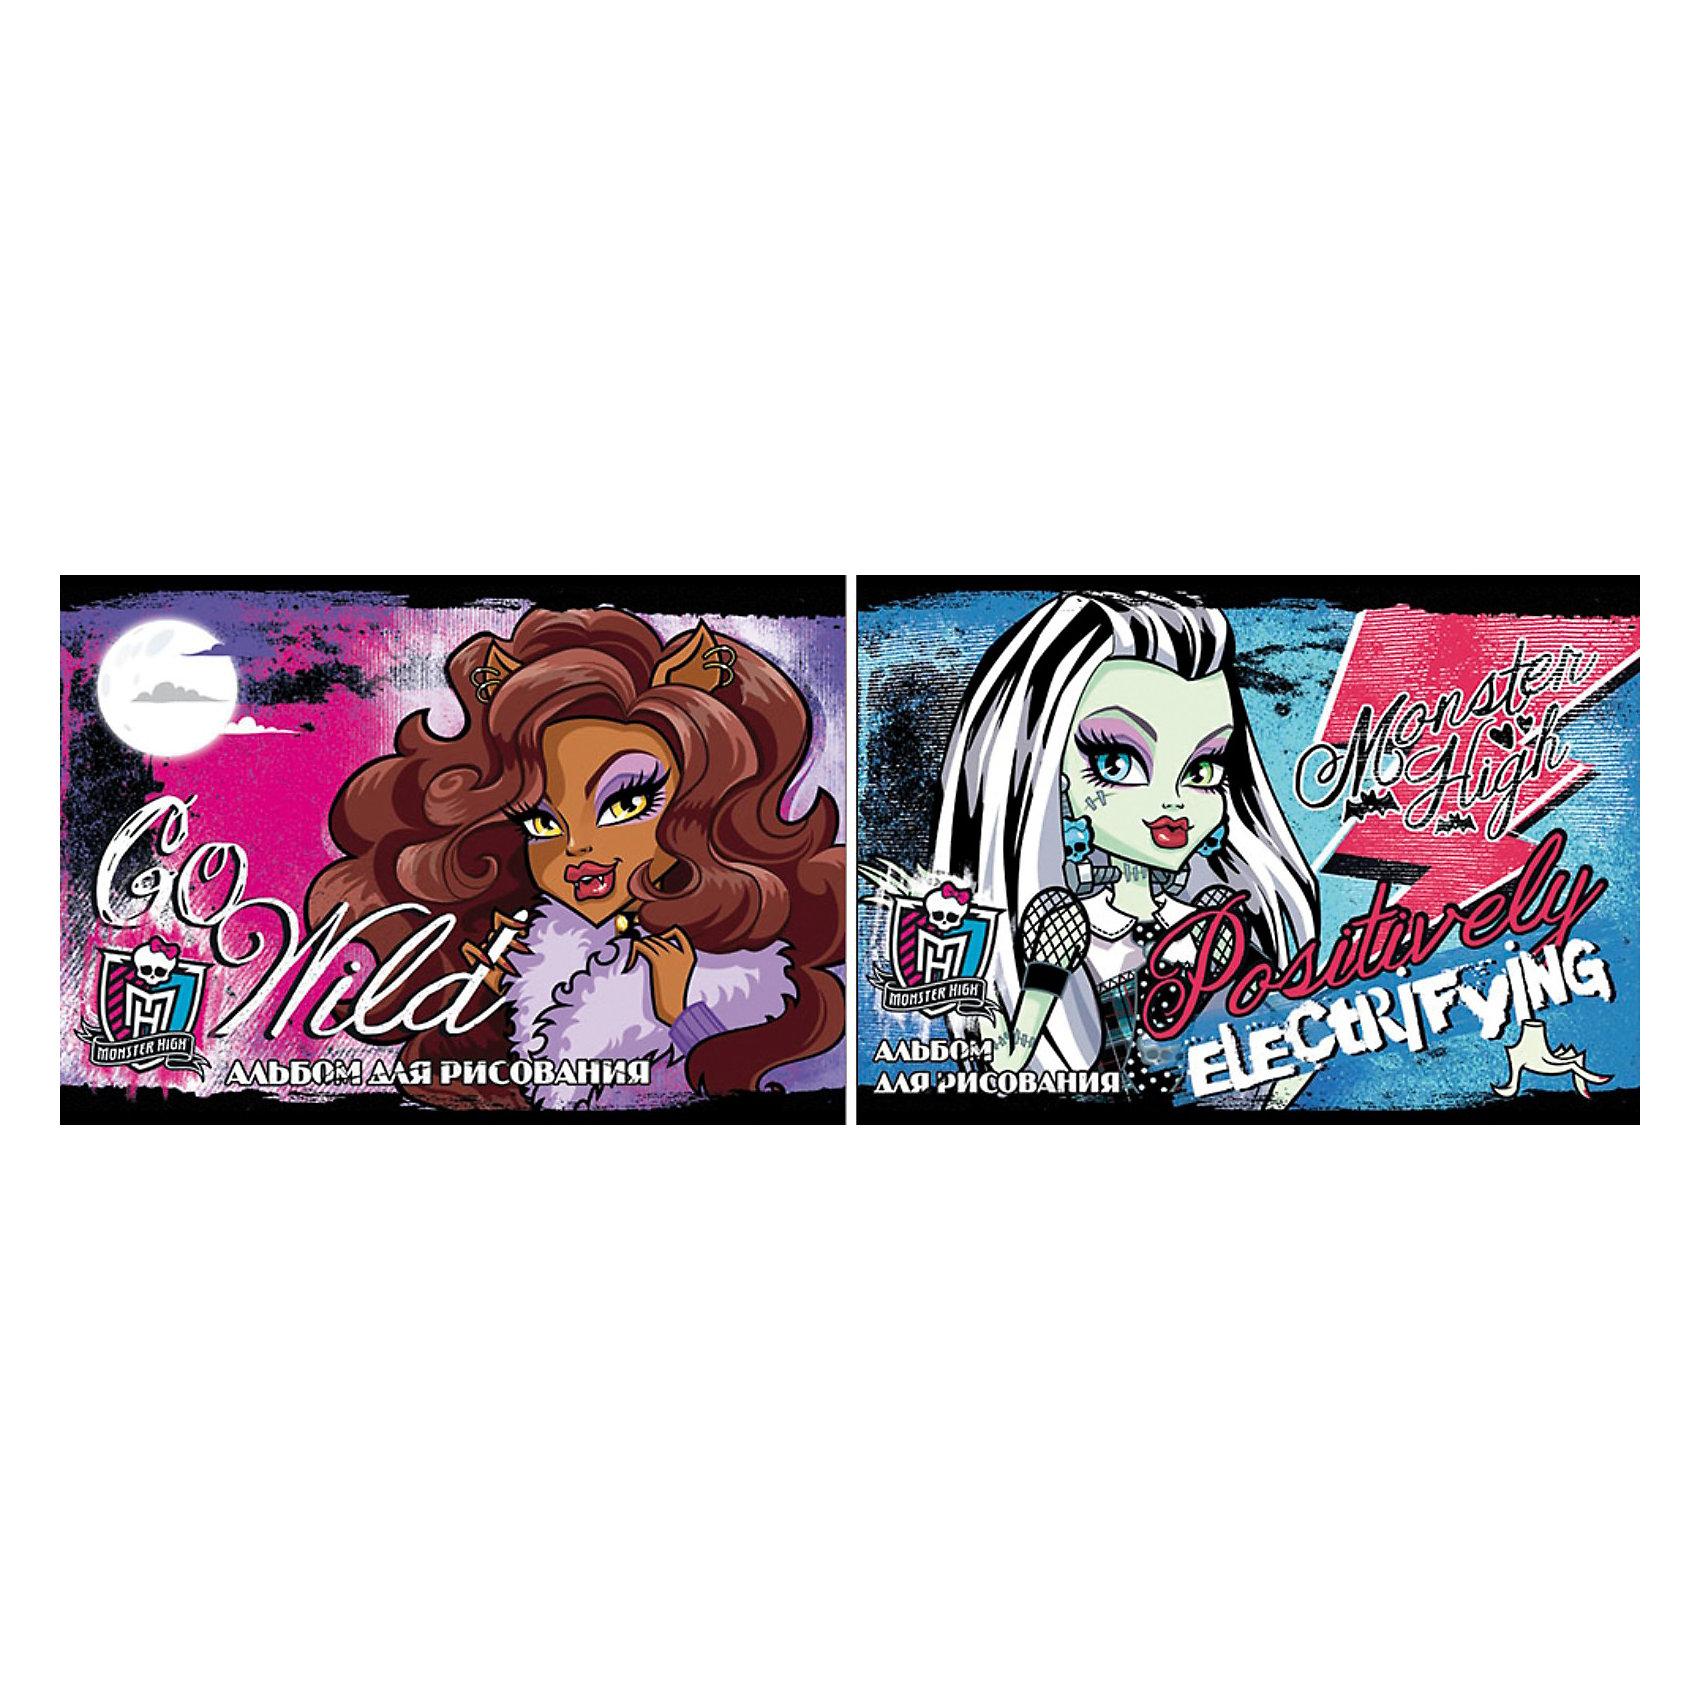 Академия групп Альбом для рисования, 40 листов, Monster High детские наклейки монстер хай monster high альбом наклеек